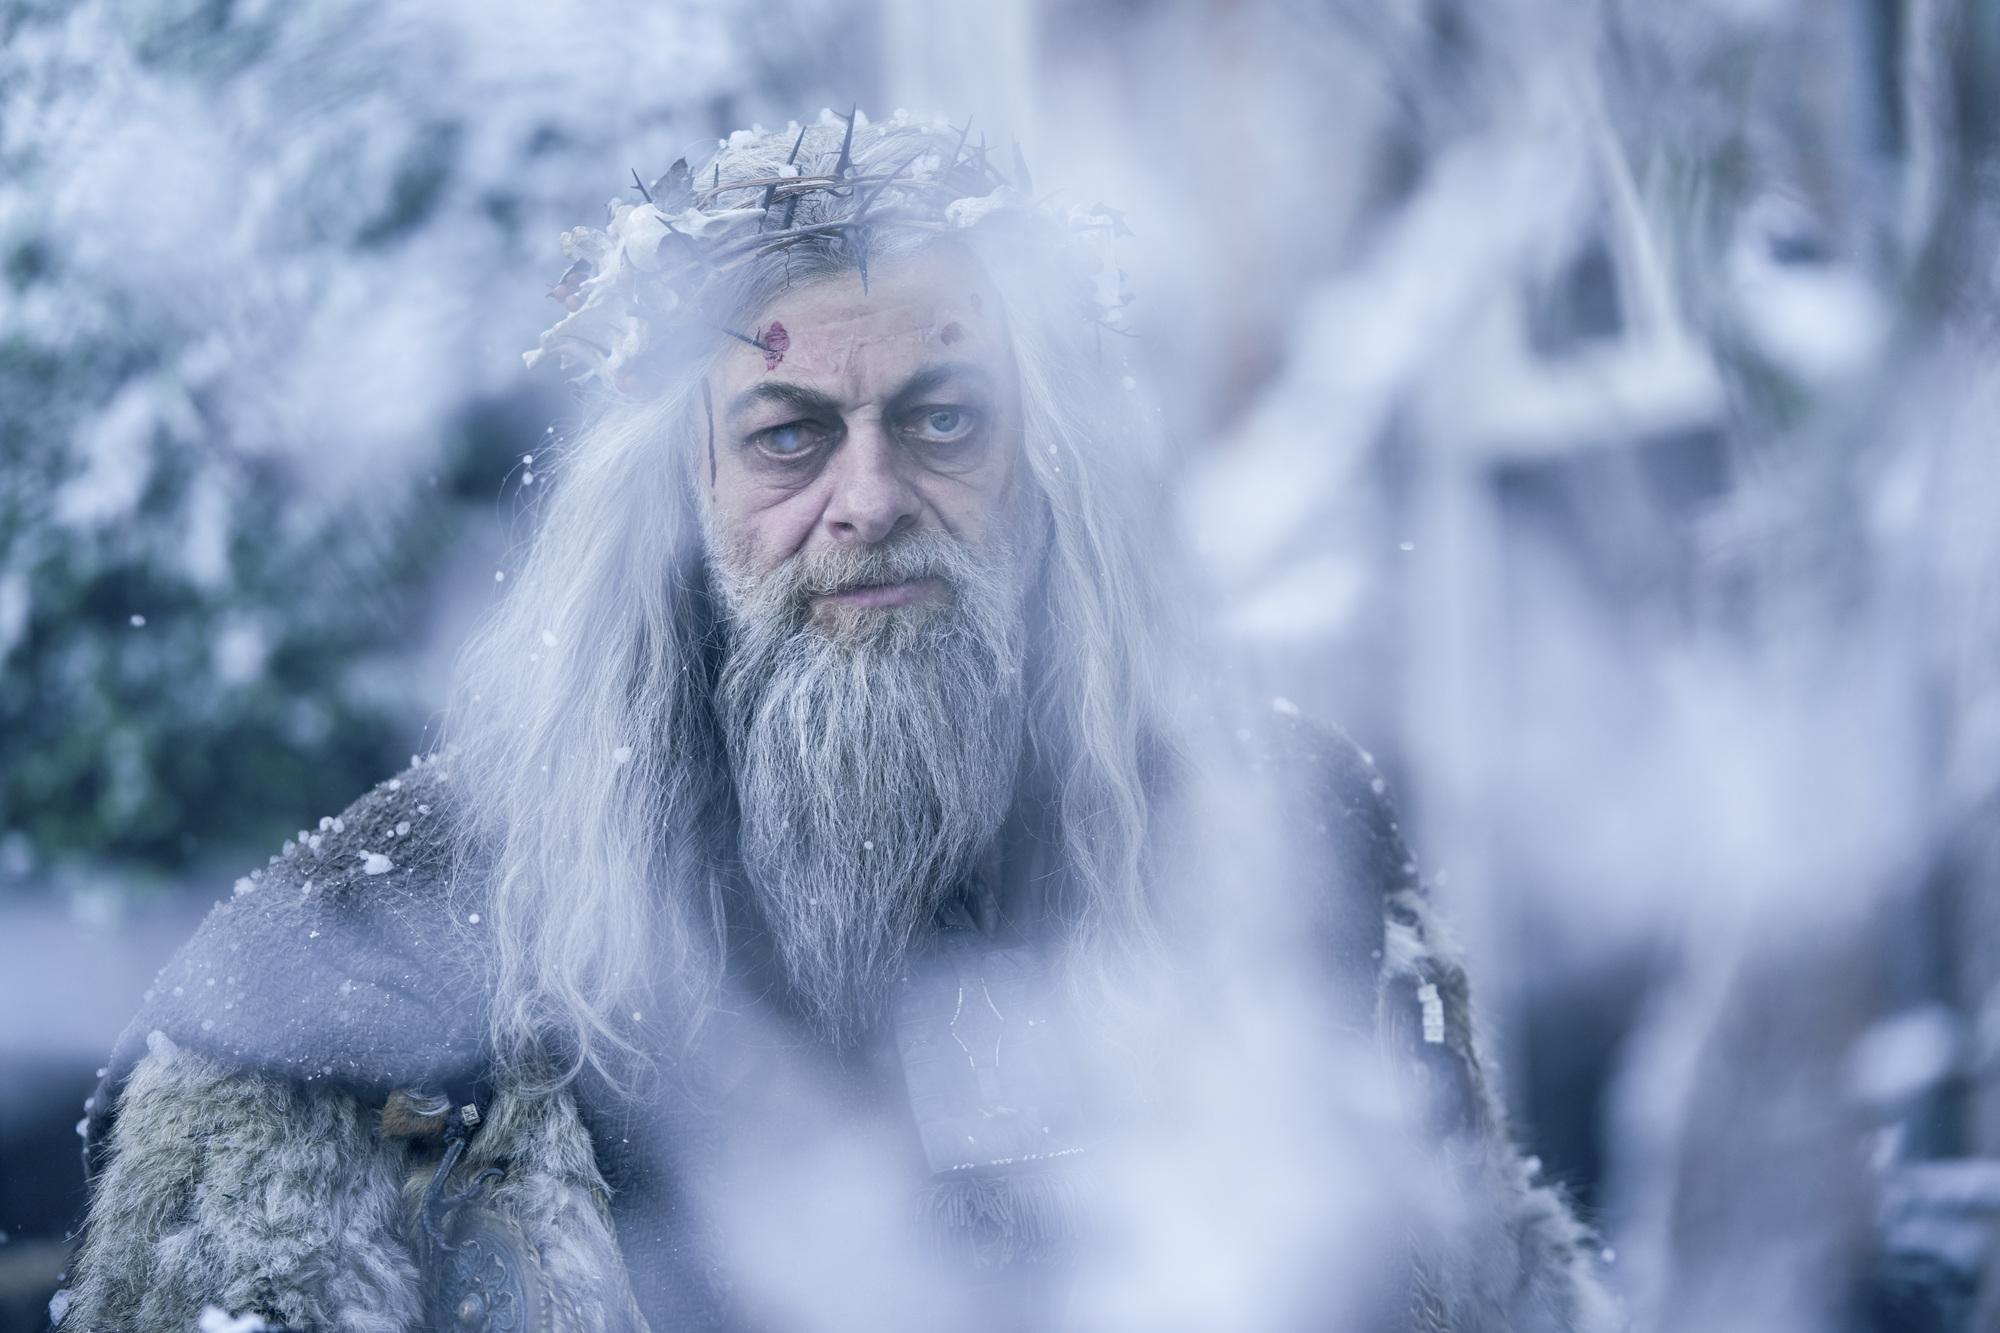 Vánoční koleda: První trailer slibuje drsnější verzi svátečního příběhu | Fandíme filmu